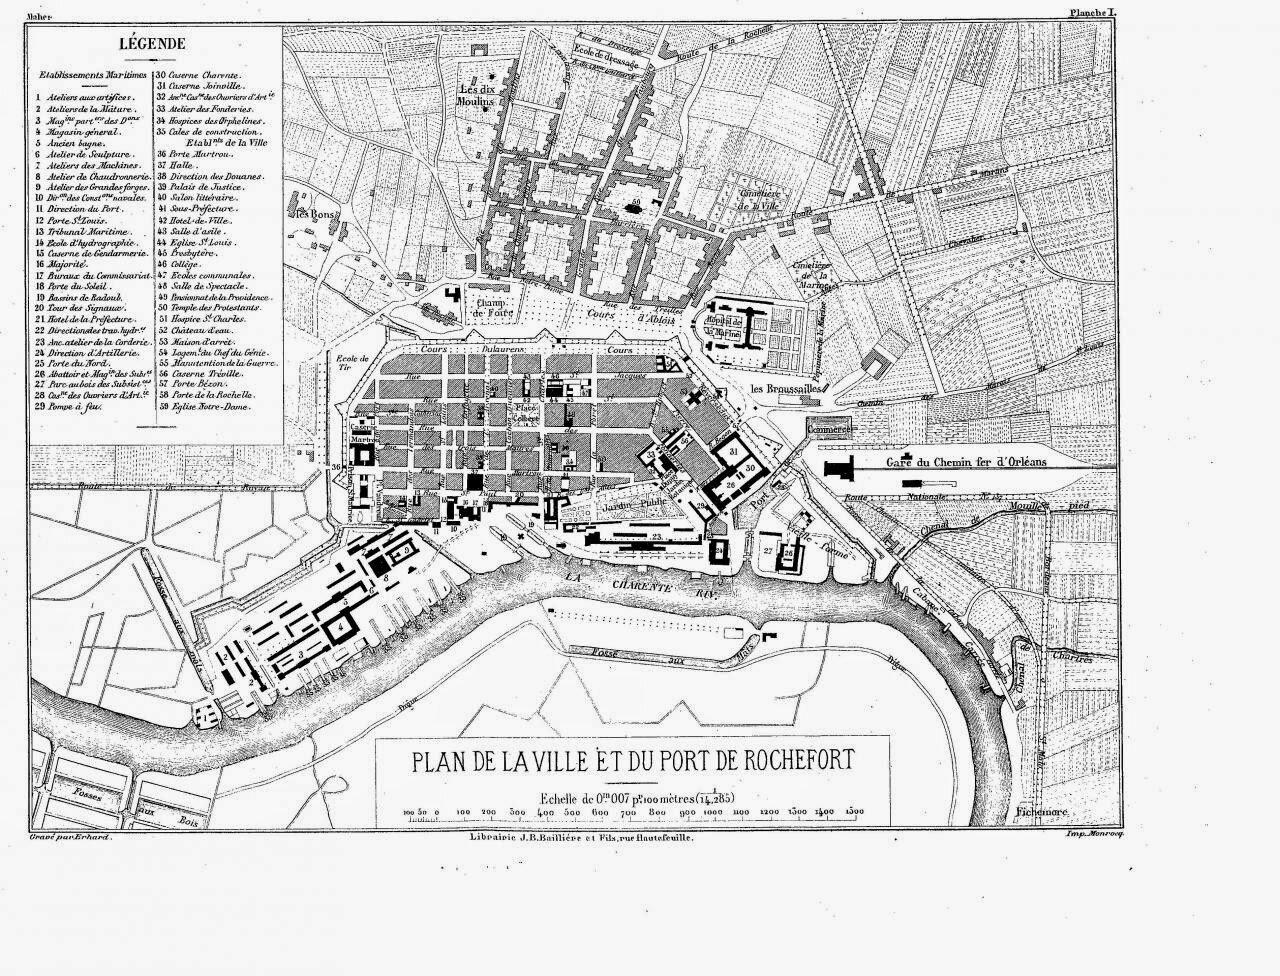 plan-de-rohefort-statistique-medicale-de-rochefort-c-maher-1874-1.jpg